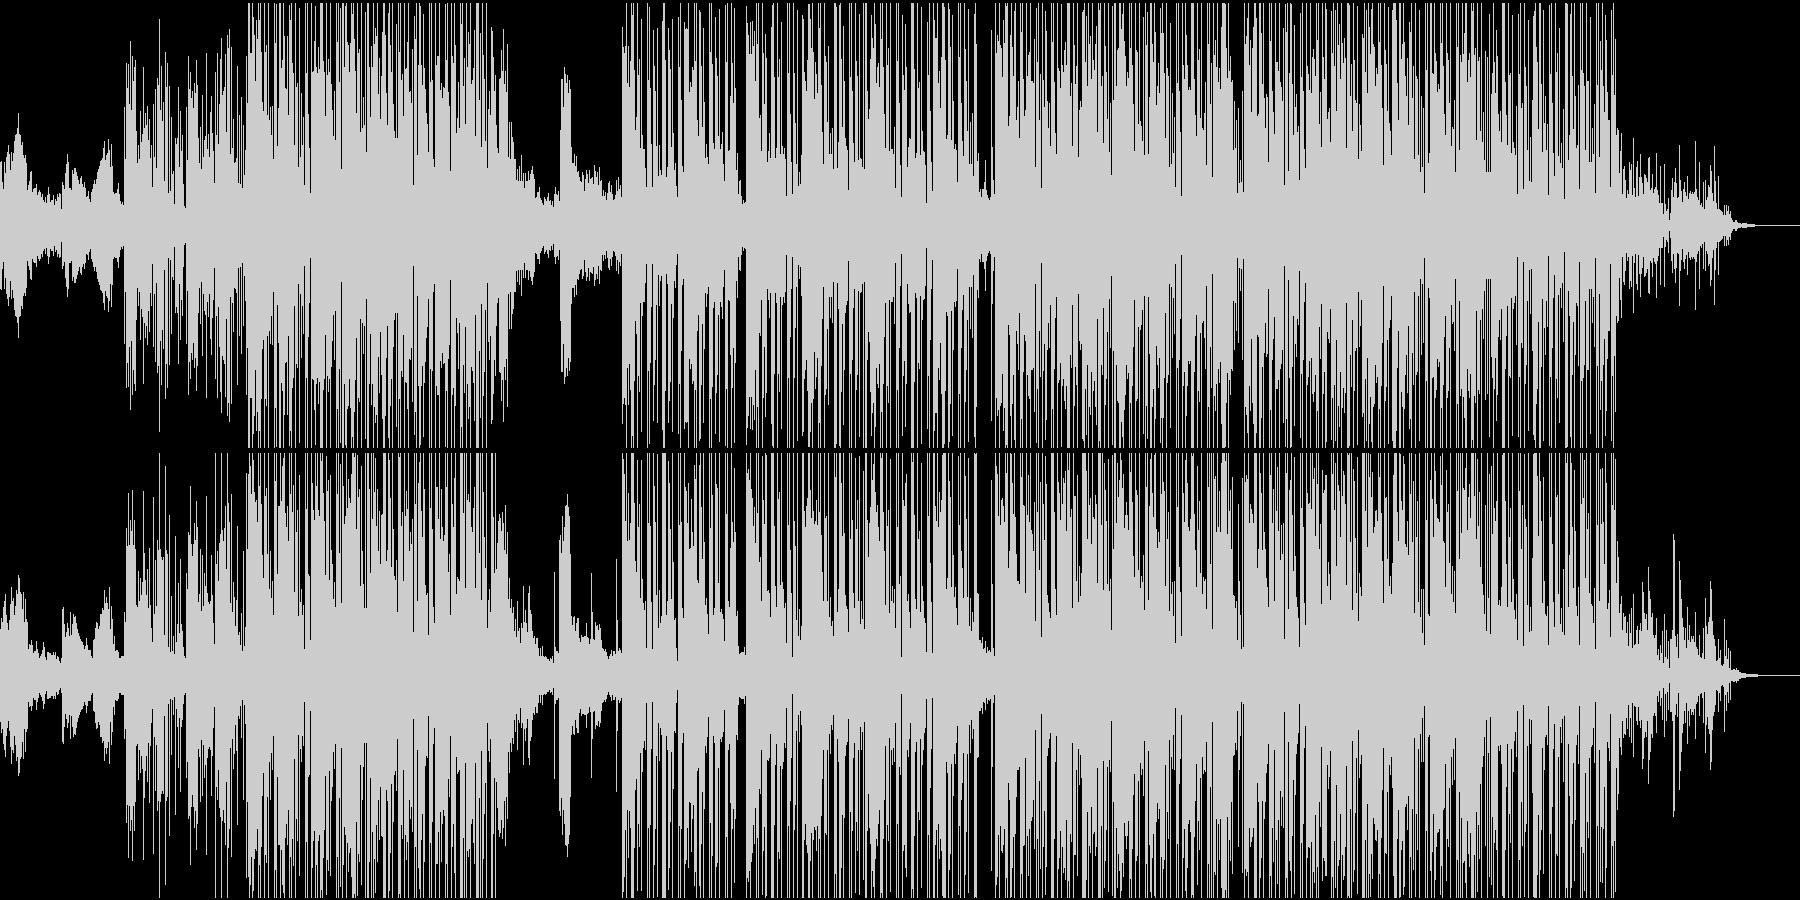 深みのある冷たさのあるジャズトラックの未再生の波形